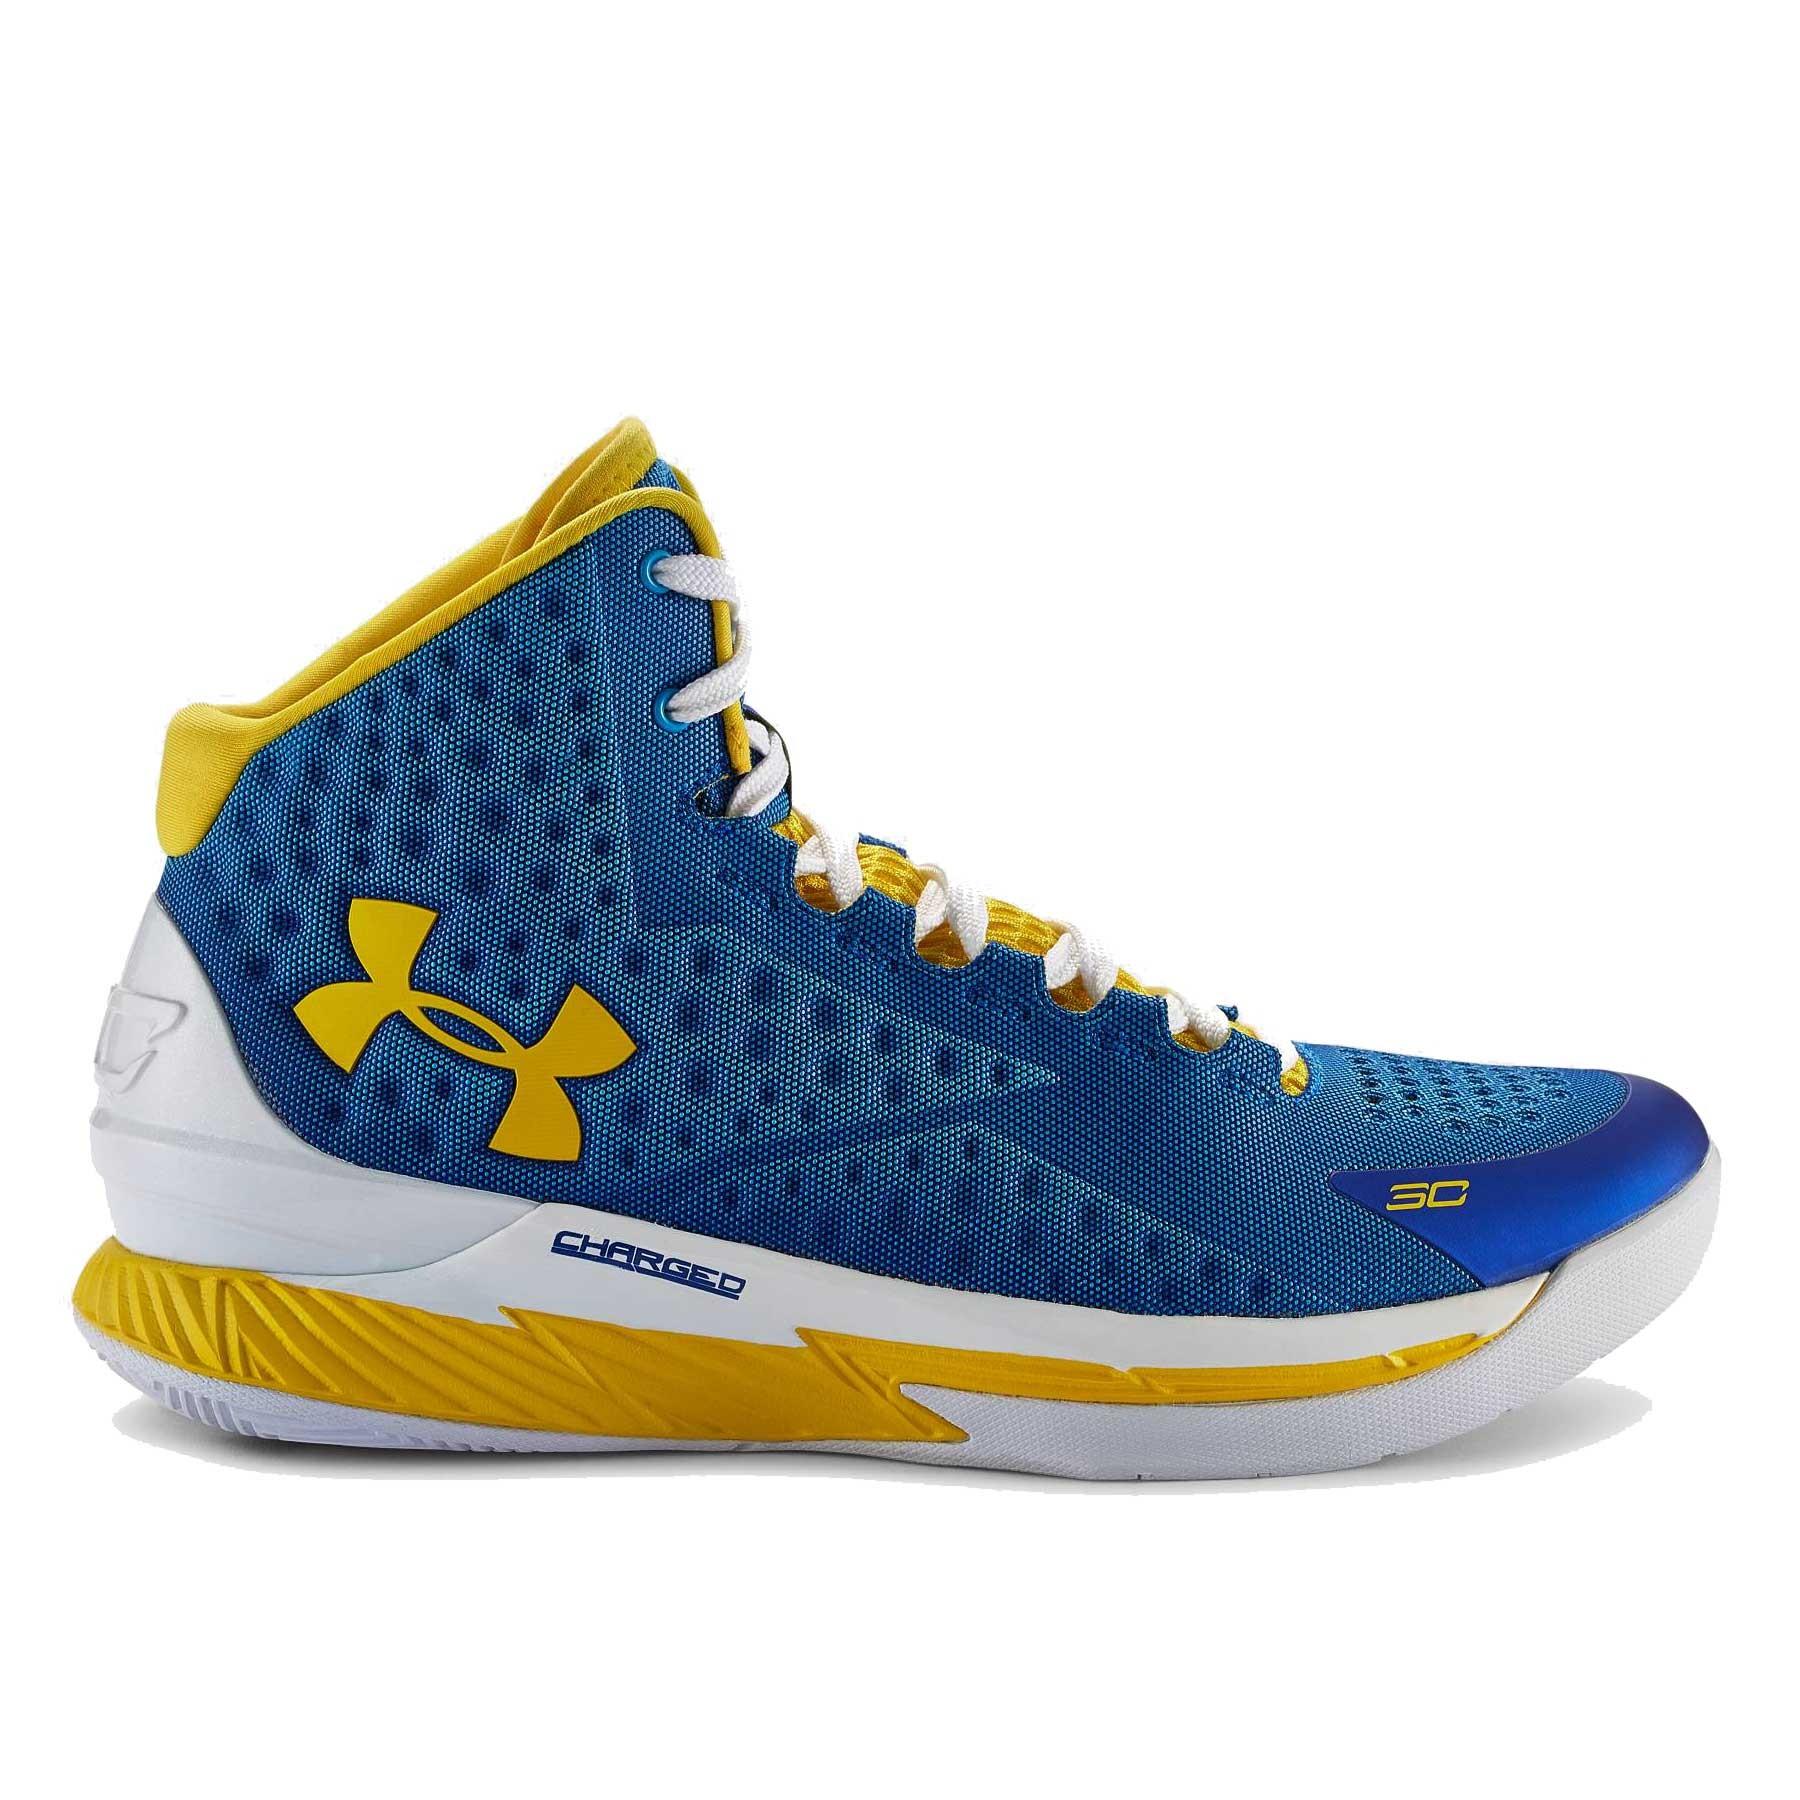 b45ba2ce7c3ad Under Armour Curry One  le scarpe basket per chi non si ferma mai ...